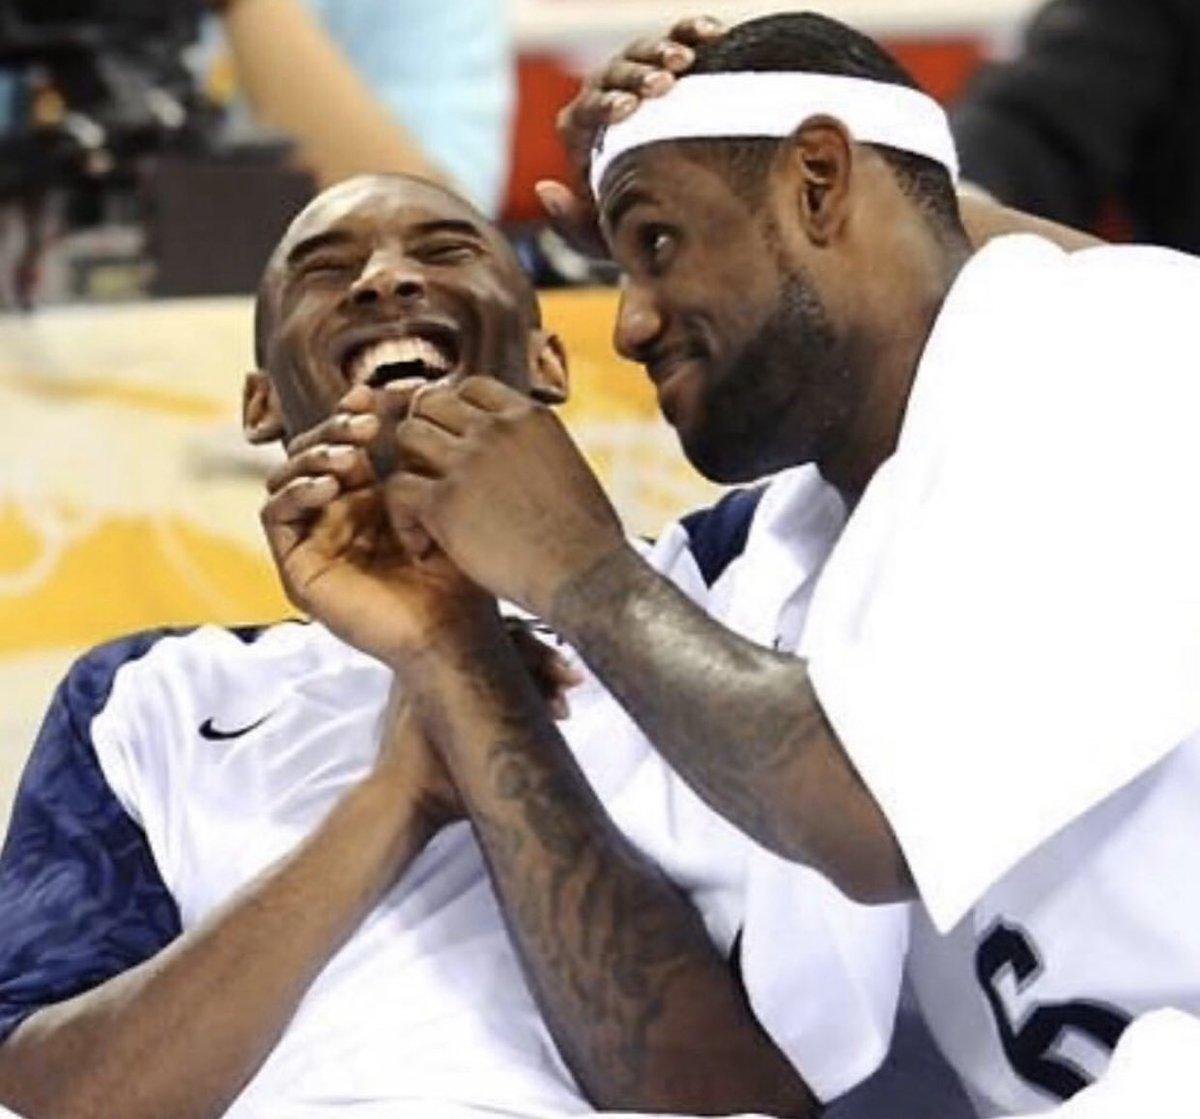 RT @B24PT: LeBron James expressa a sua dor pelas mortes de Kobe e Gigi. https://t.co/UIDohaeCB3